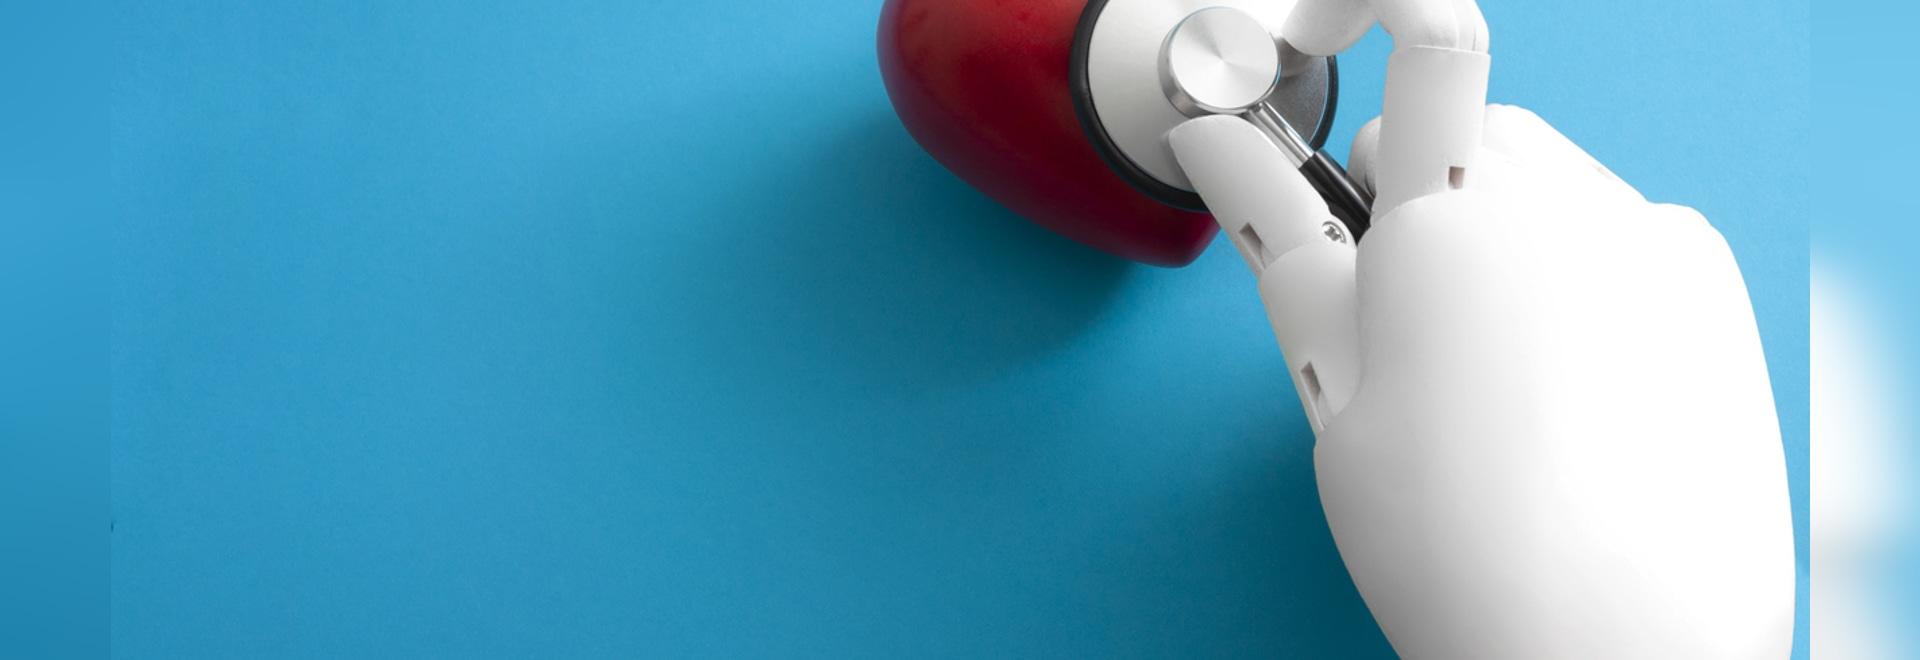 Les robots non chirurgicaux peuvent-ils libérer les cliniciens pour des tâches plus importantes ?